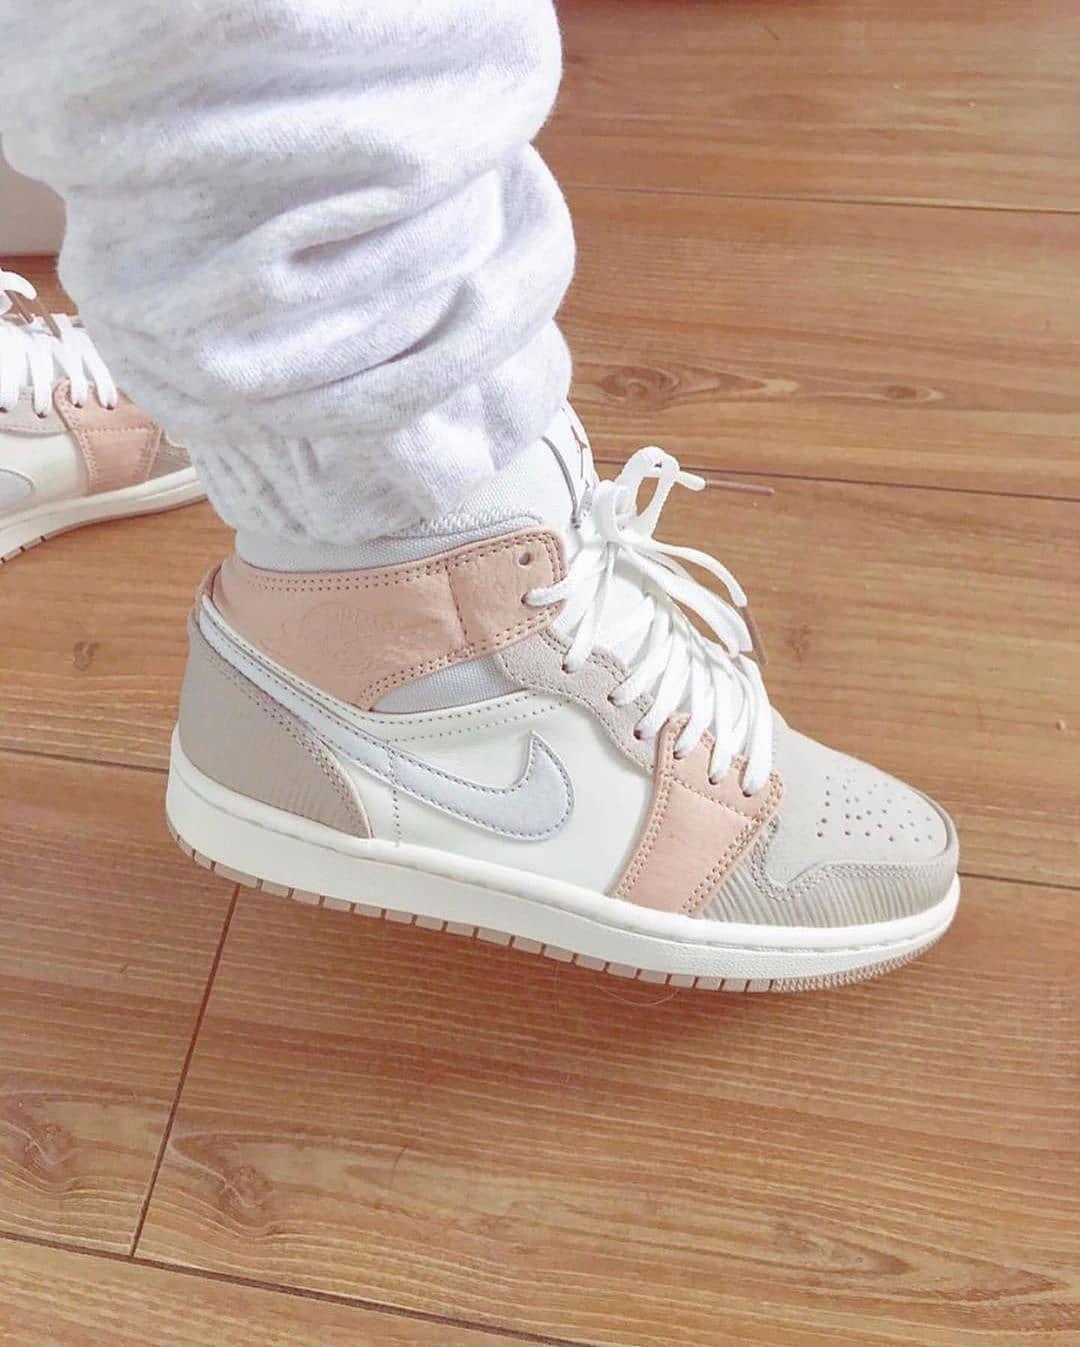 """Sneaker Shop on Instagram """"👟Jordan 1 Milan🤩 Pedidos"""